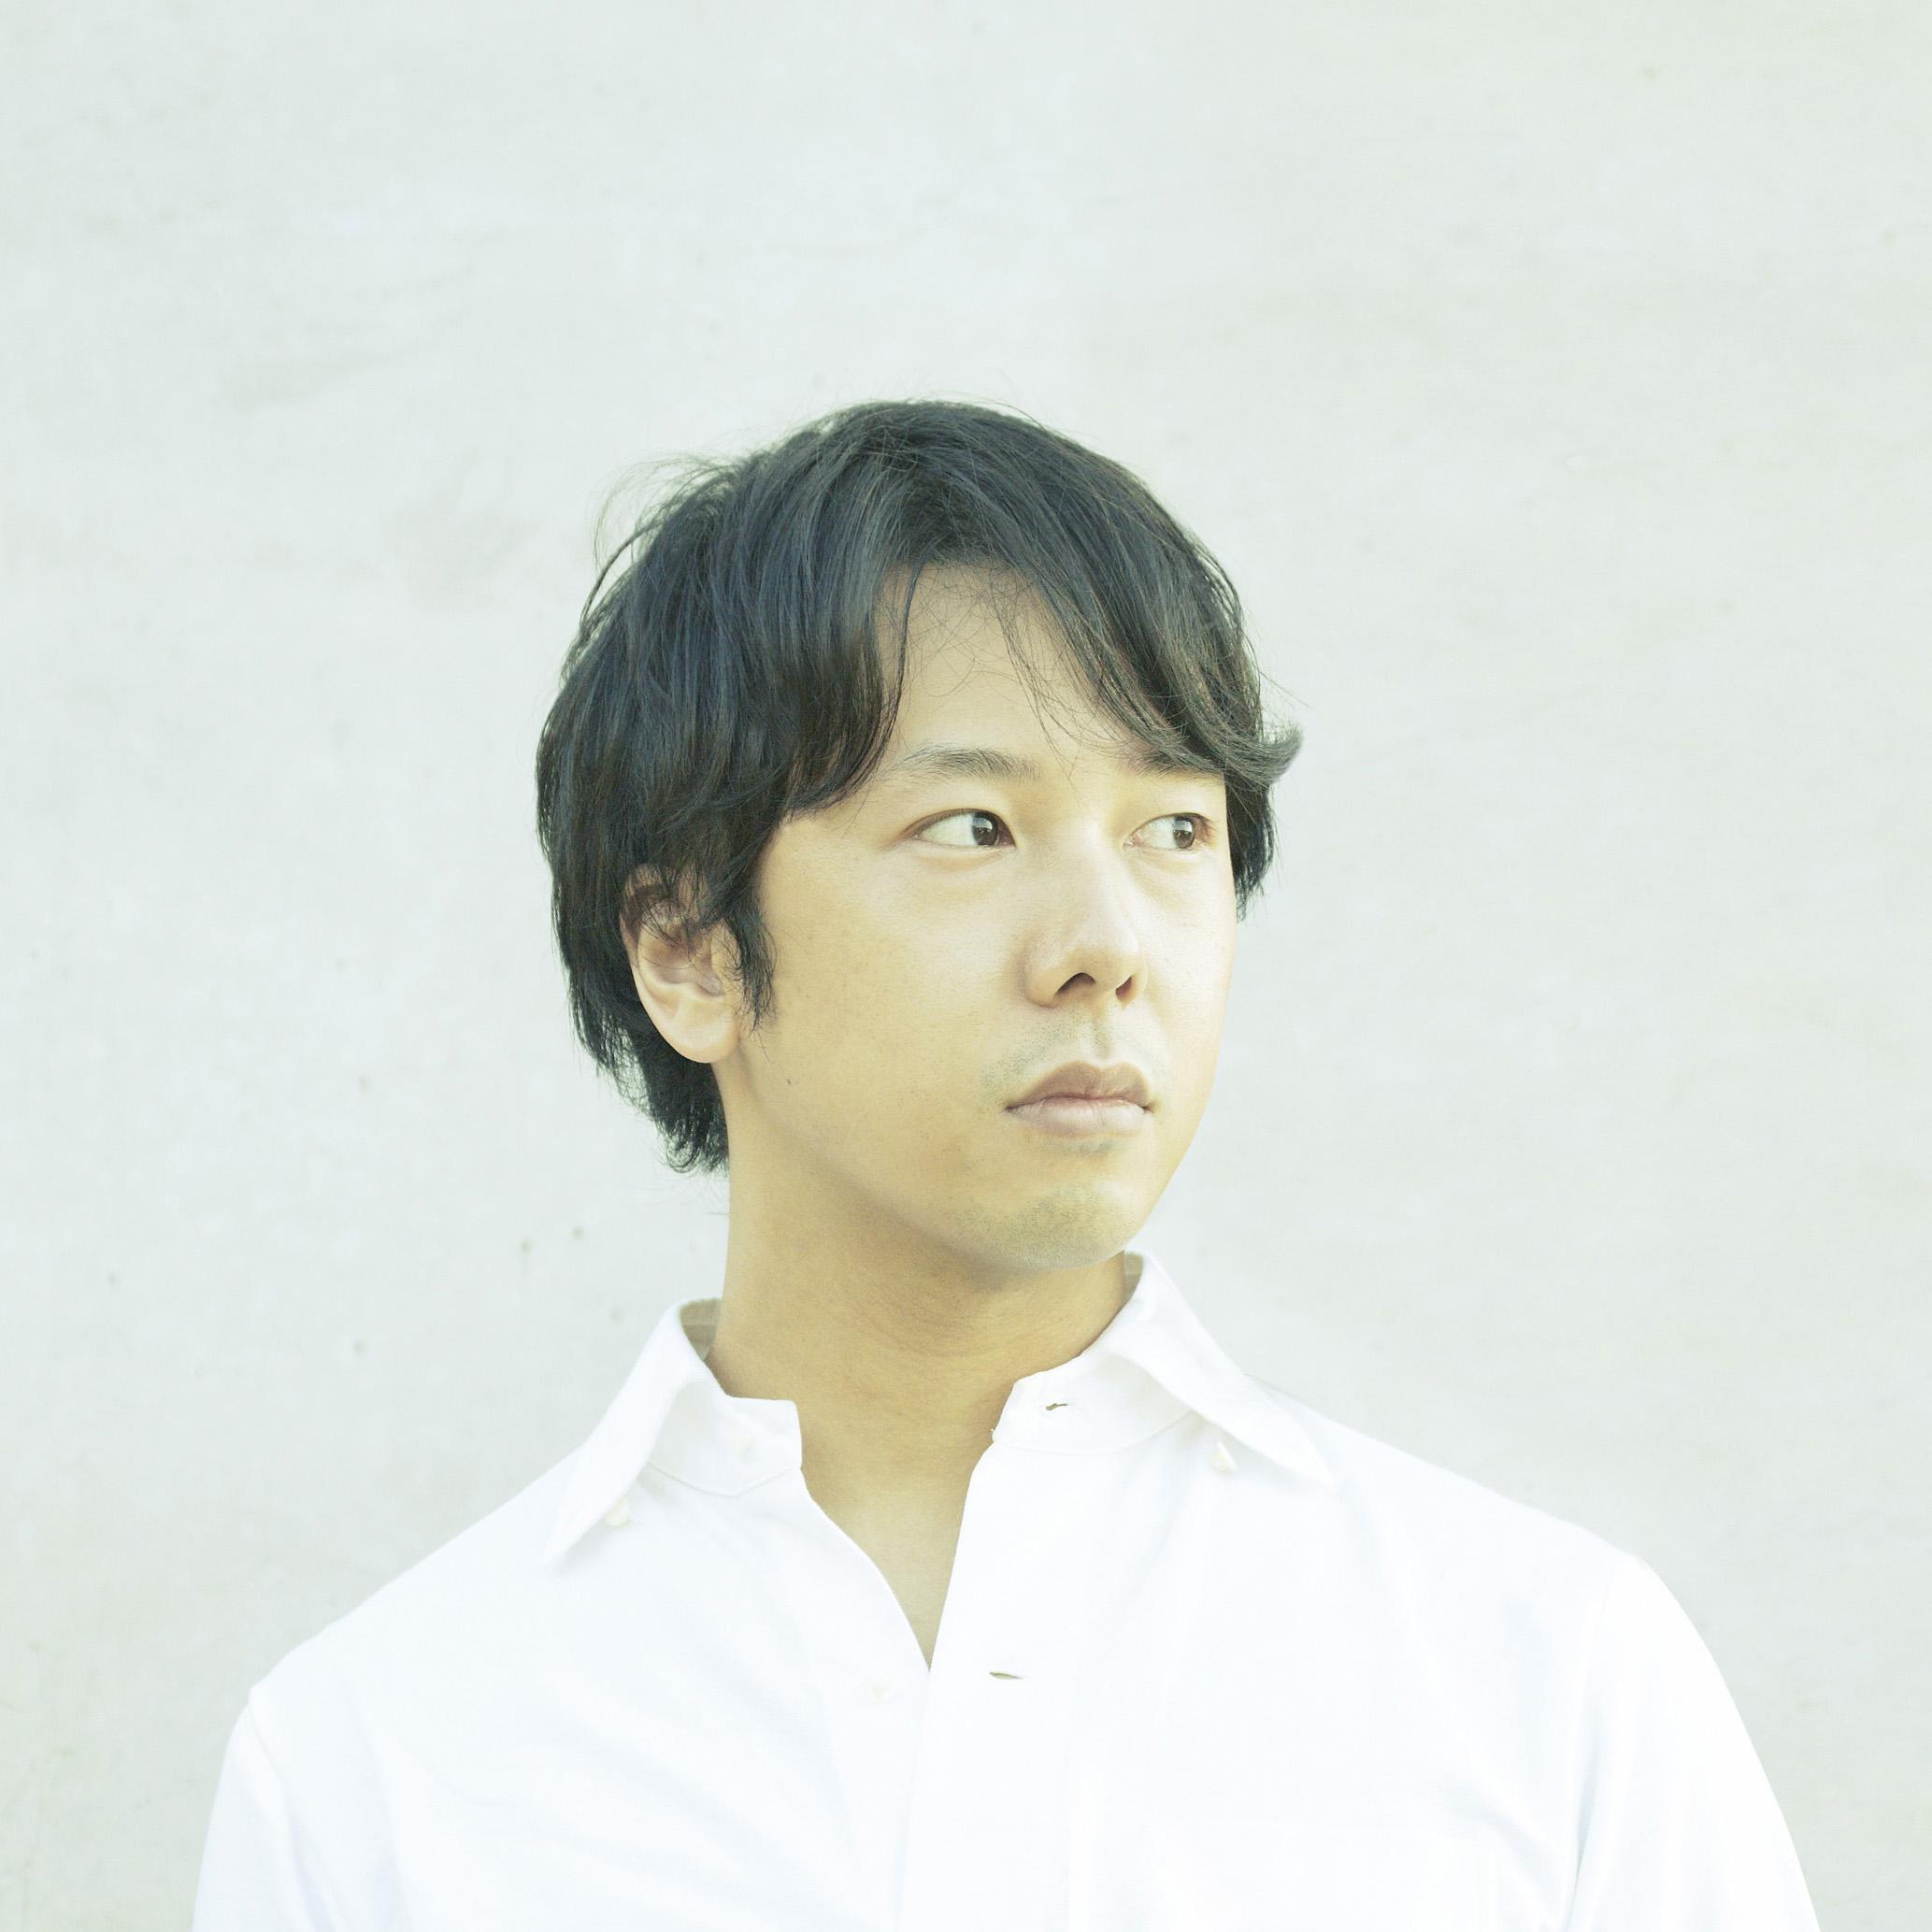 八木 義博    電通CDC クリエイティブディレクター/アートディレクター  1977年京都生まれ。2001年京都造形芸術大学情報デザイン学科卒業後、電通入社。東京ADC賞、JAGDA新人賞、佐治敬三賞、CANNES Design Lionsグランプリ、ONE SHOW Designグランプリ、D&ADイエローペンシル、NY ADCゴールドなど。京都造形芸術大学 客員教授  Yoshihiro Yagi DENTSU CDC Creative Director/Art Director  Born 1977 in Kyoto, Japan. After graduating from Kyoto University of Art & Design, Department of Information Design in 2001, he joins Dentsu.He has been recognised through numerous accolades, some of which include the Tokyo ADC Award, JAGDA Newcomers Award, Cannes Design Lions Grand Prize, One Show Design Grand Prize, D&AD Yellow Pencil, NY ADC Gold, amongst more. He is also a visiting professor at the Kyoto University of Art & Design.